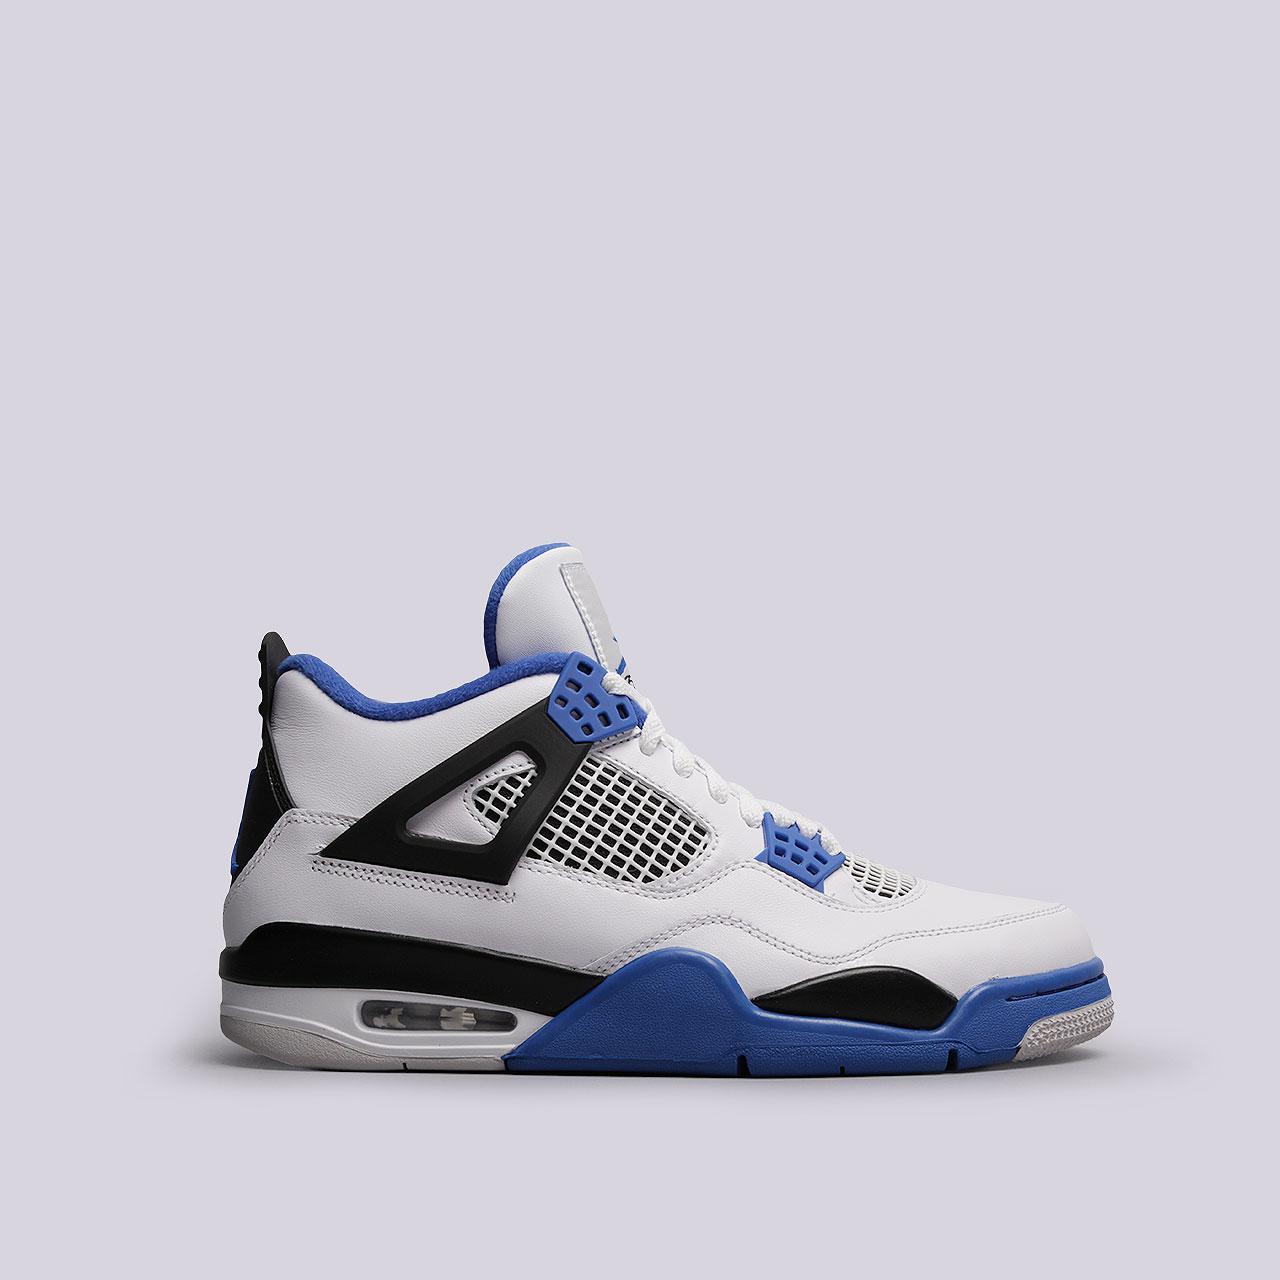 Кроссовки Jordan IV RetroКроссовки lifestyle<br>Кожа, текстиль, резина<br><br>Цвет: Белый, синий, черный<br>Размеры US: 15<br>Пол: Мужской